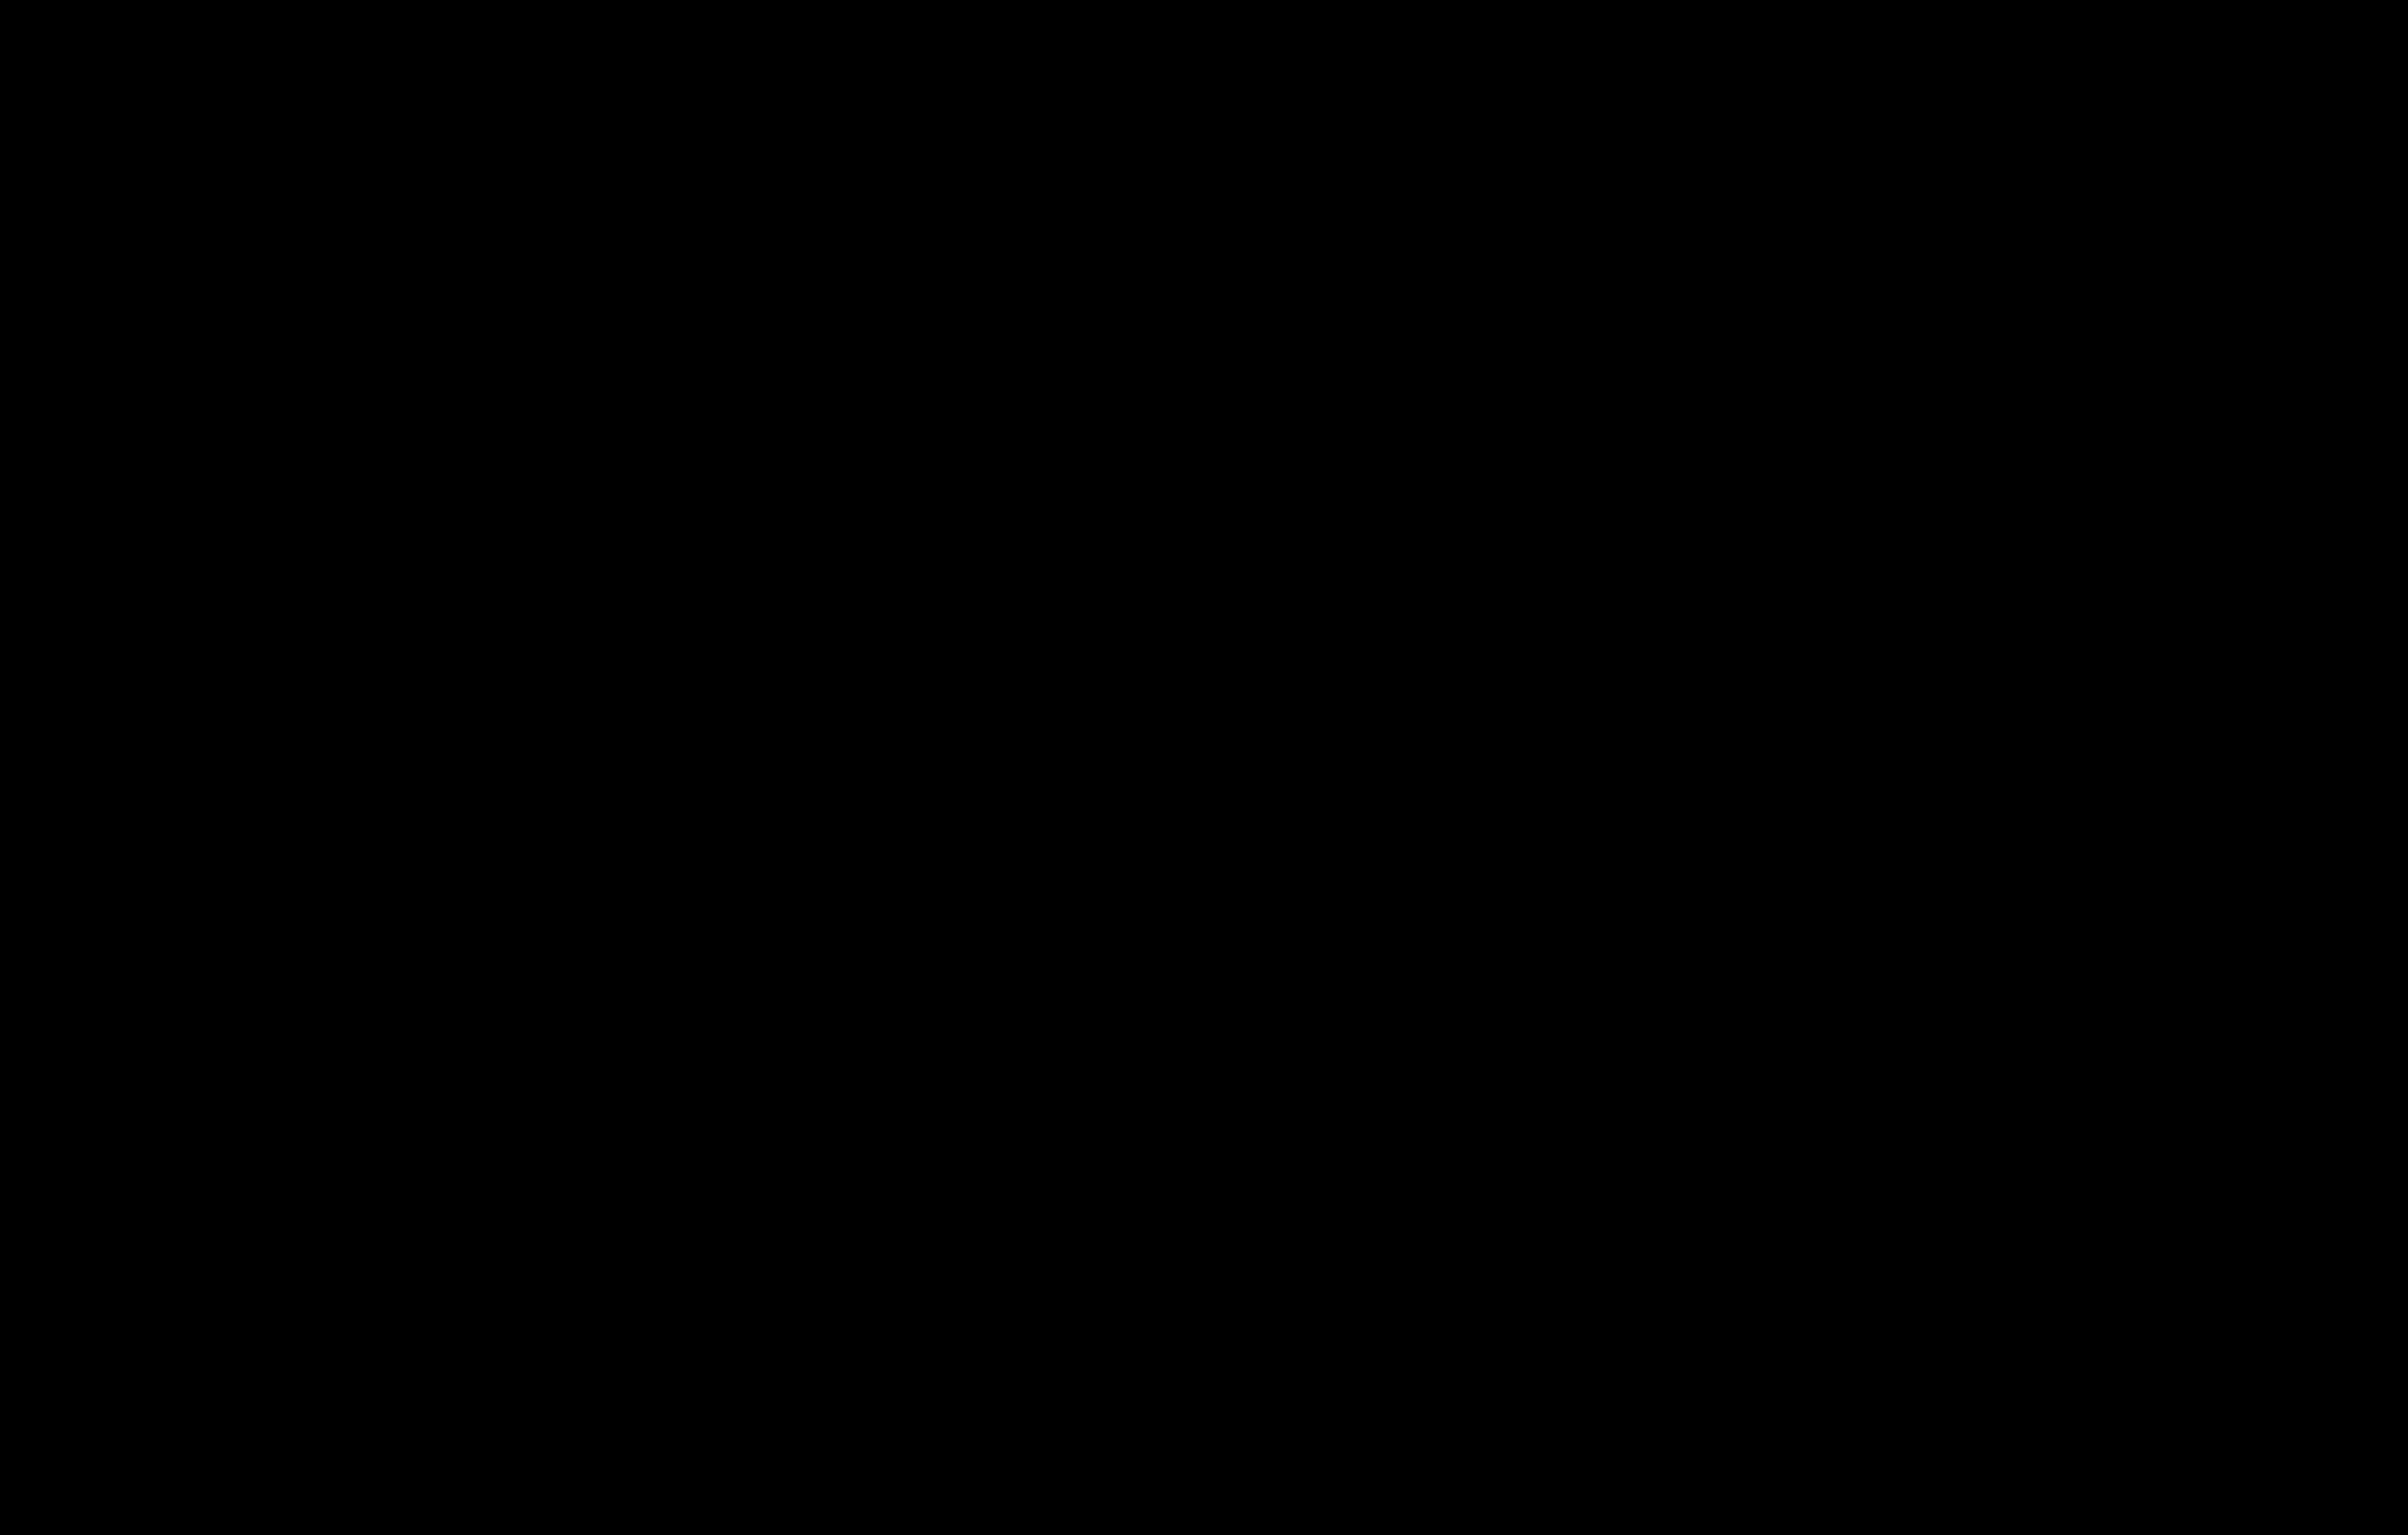 國民黨黨內目前韓國瑜和郭台銘兩強相爭。左圖為高雄市長韓國瑜(左)北上列席13日舉行的行政院會。右圖為郭台銘(右)13日出席「永齡攜手台大抗癌捐贈決心不變媒體說明會」,簽約加碼捐贈新台幣50億給台大癌醫中心。中央社